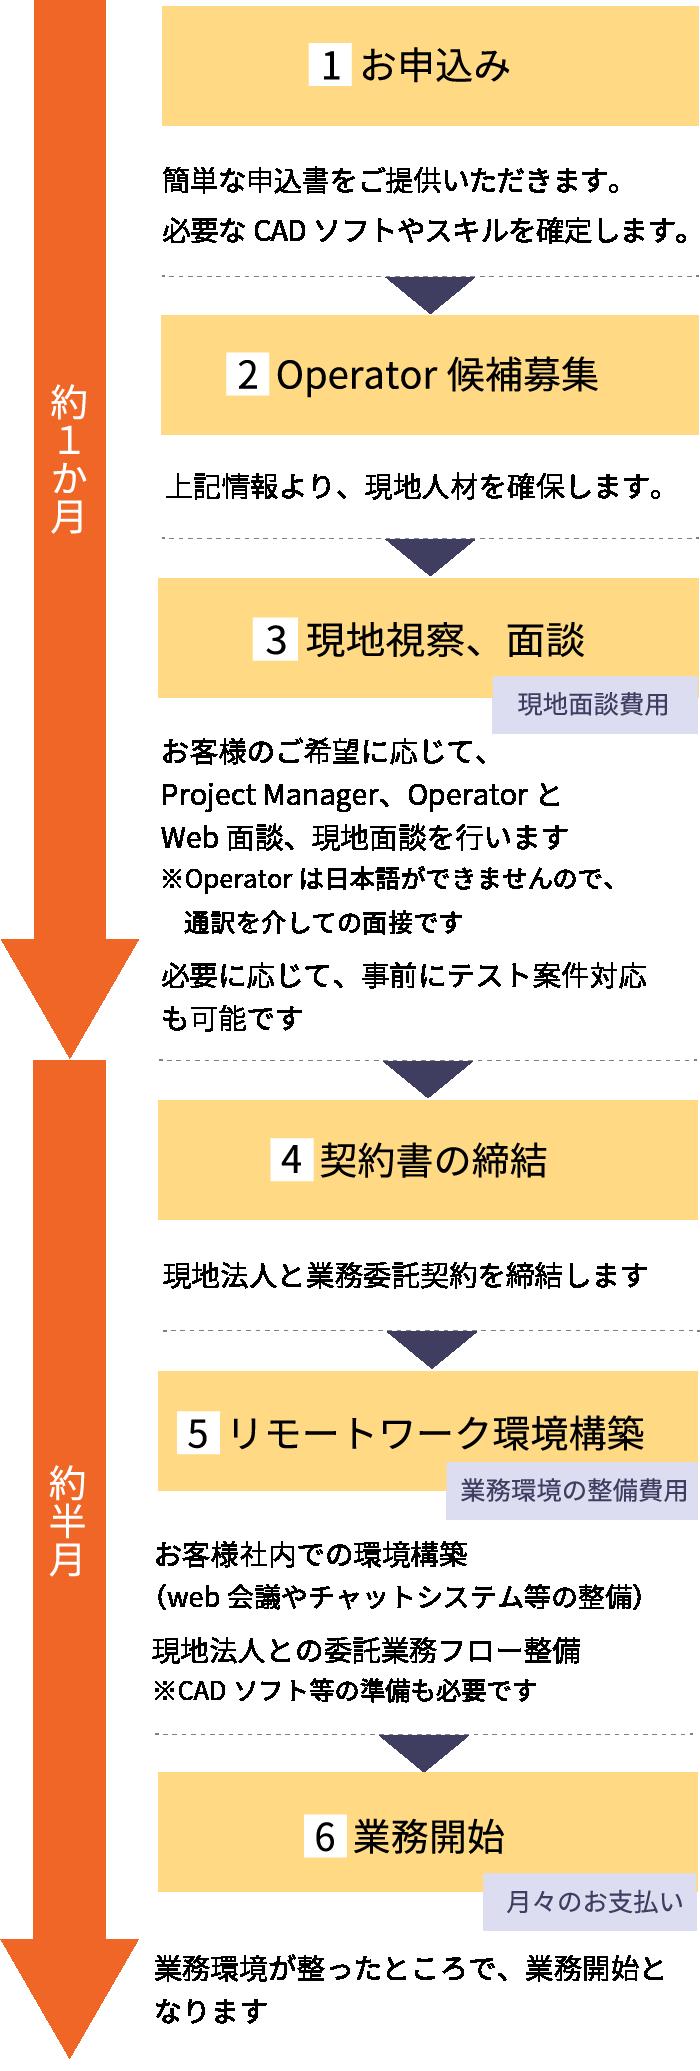 サービスの流れ:お申込み→Operator候補募集→現地視察面談→契約書の締結→リモートワーク環境構築→業務開始